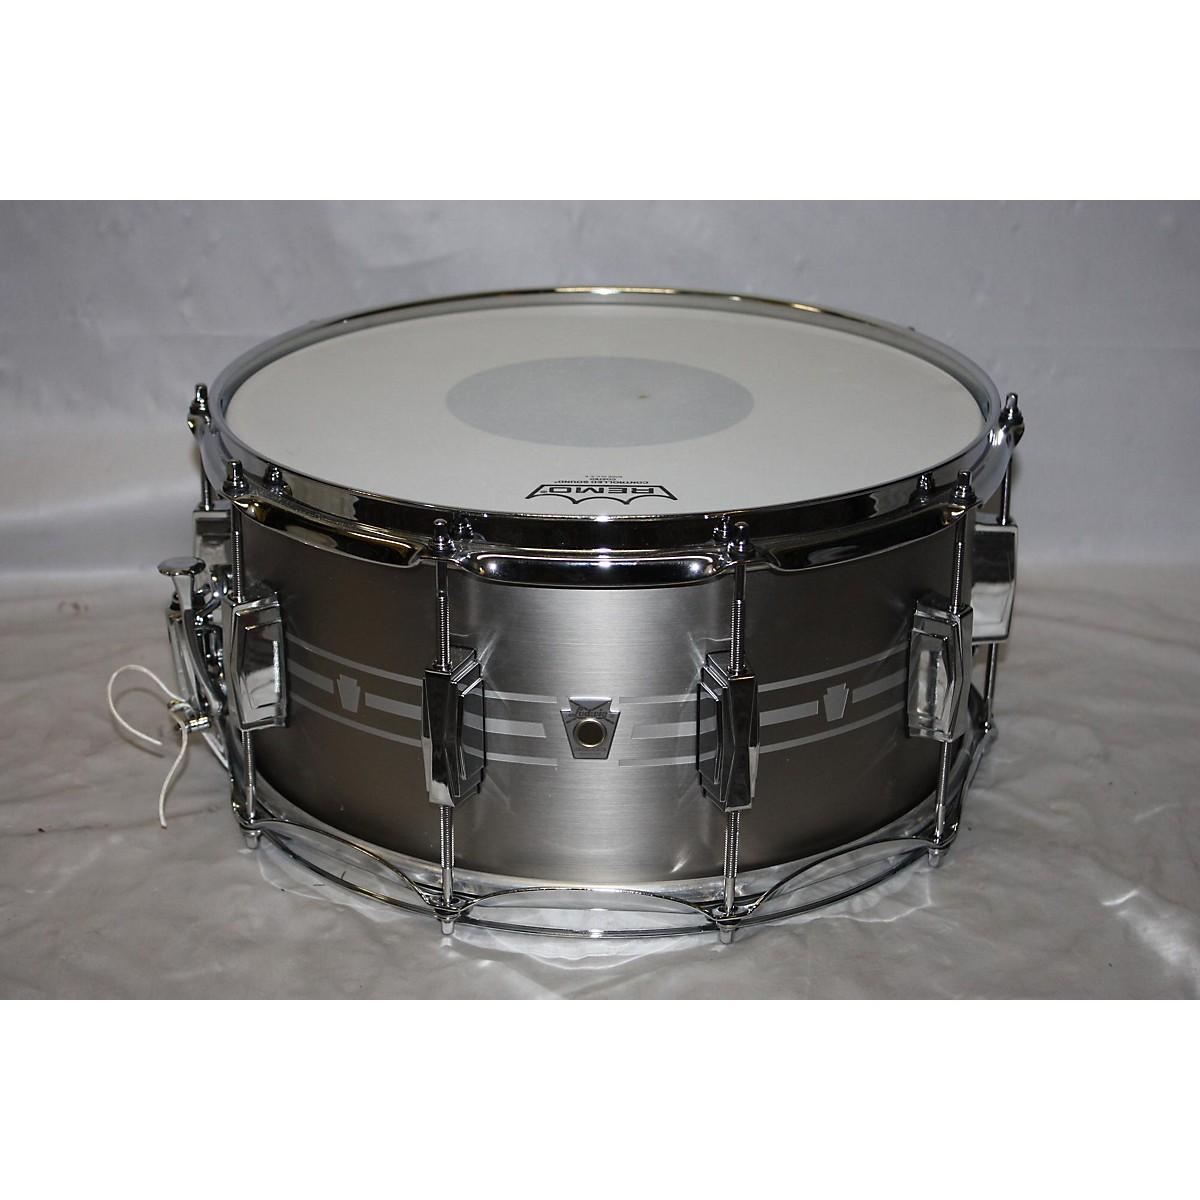 Ludwig 14X7 Ludwig Heirloom Snare Drum Drum